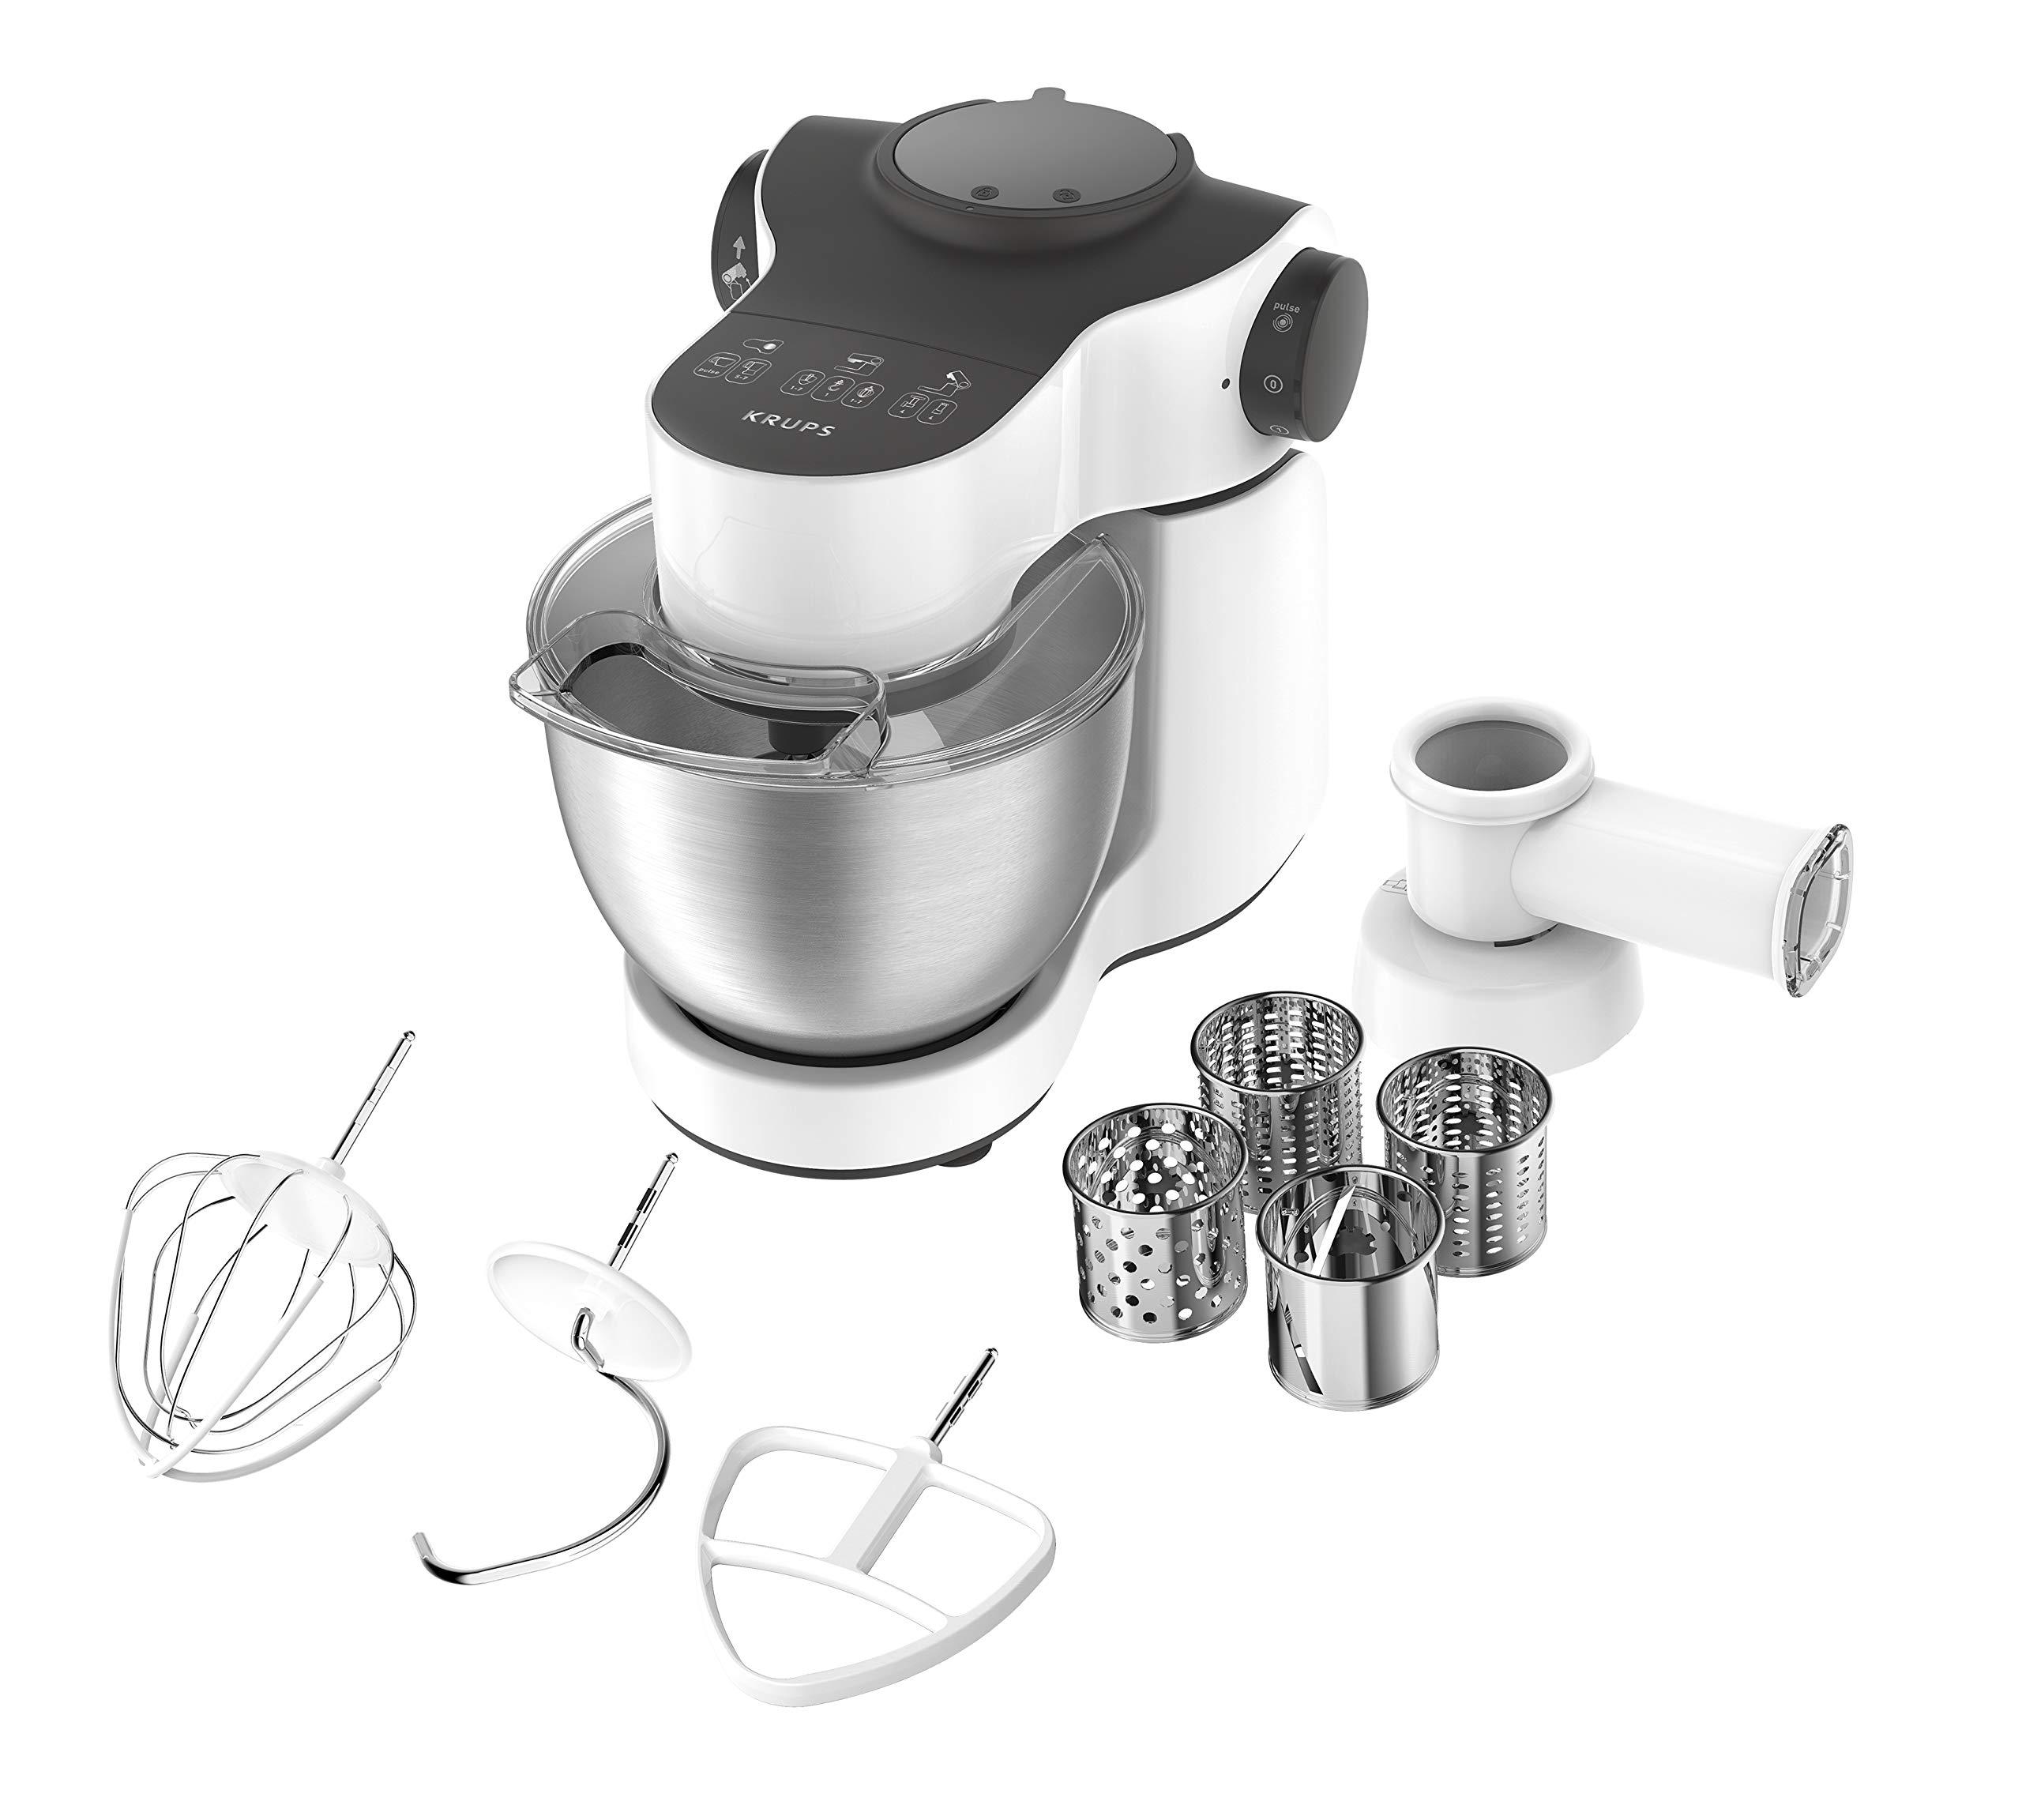 Krups-KA3121-Master-Perfect-Kchenmaschine-1000-Watt-Gesamtvolumen-4-Liter-inkl-Back-Set-Aufsatz-Schnitzelwerk-mit-Reibekucheneinsatz-wei